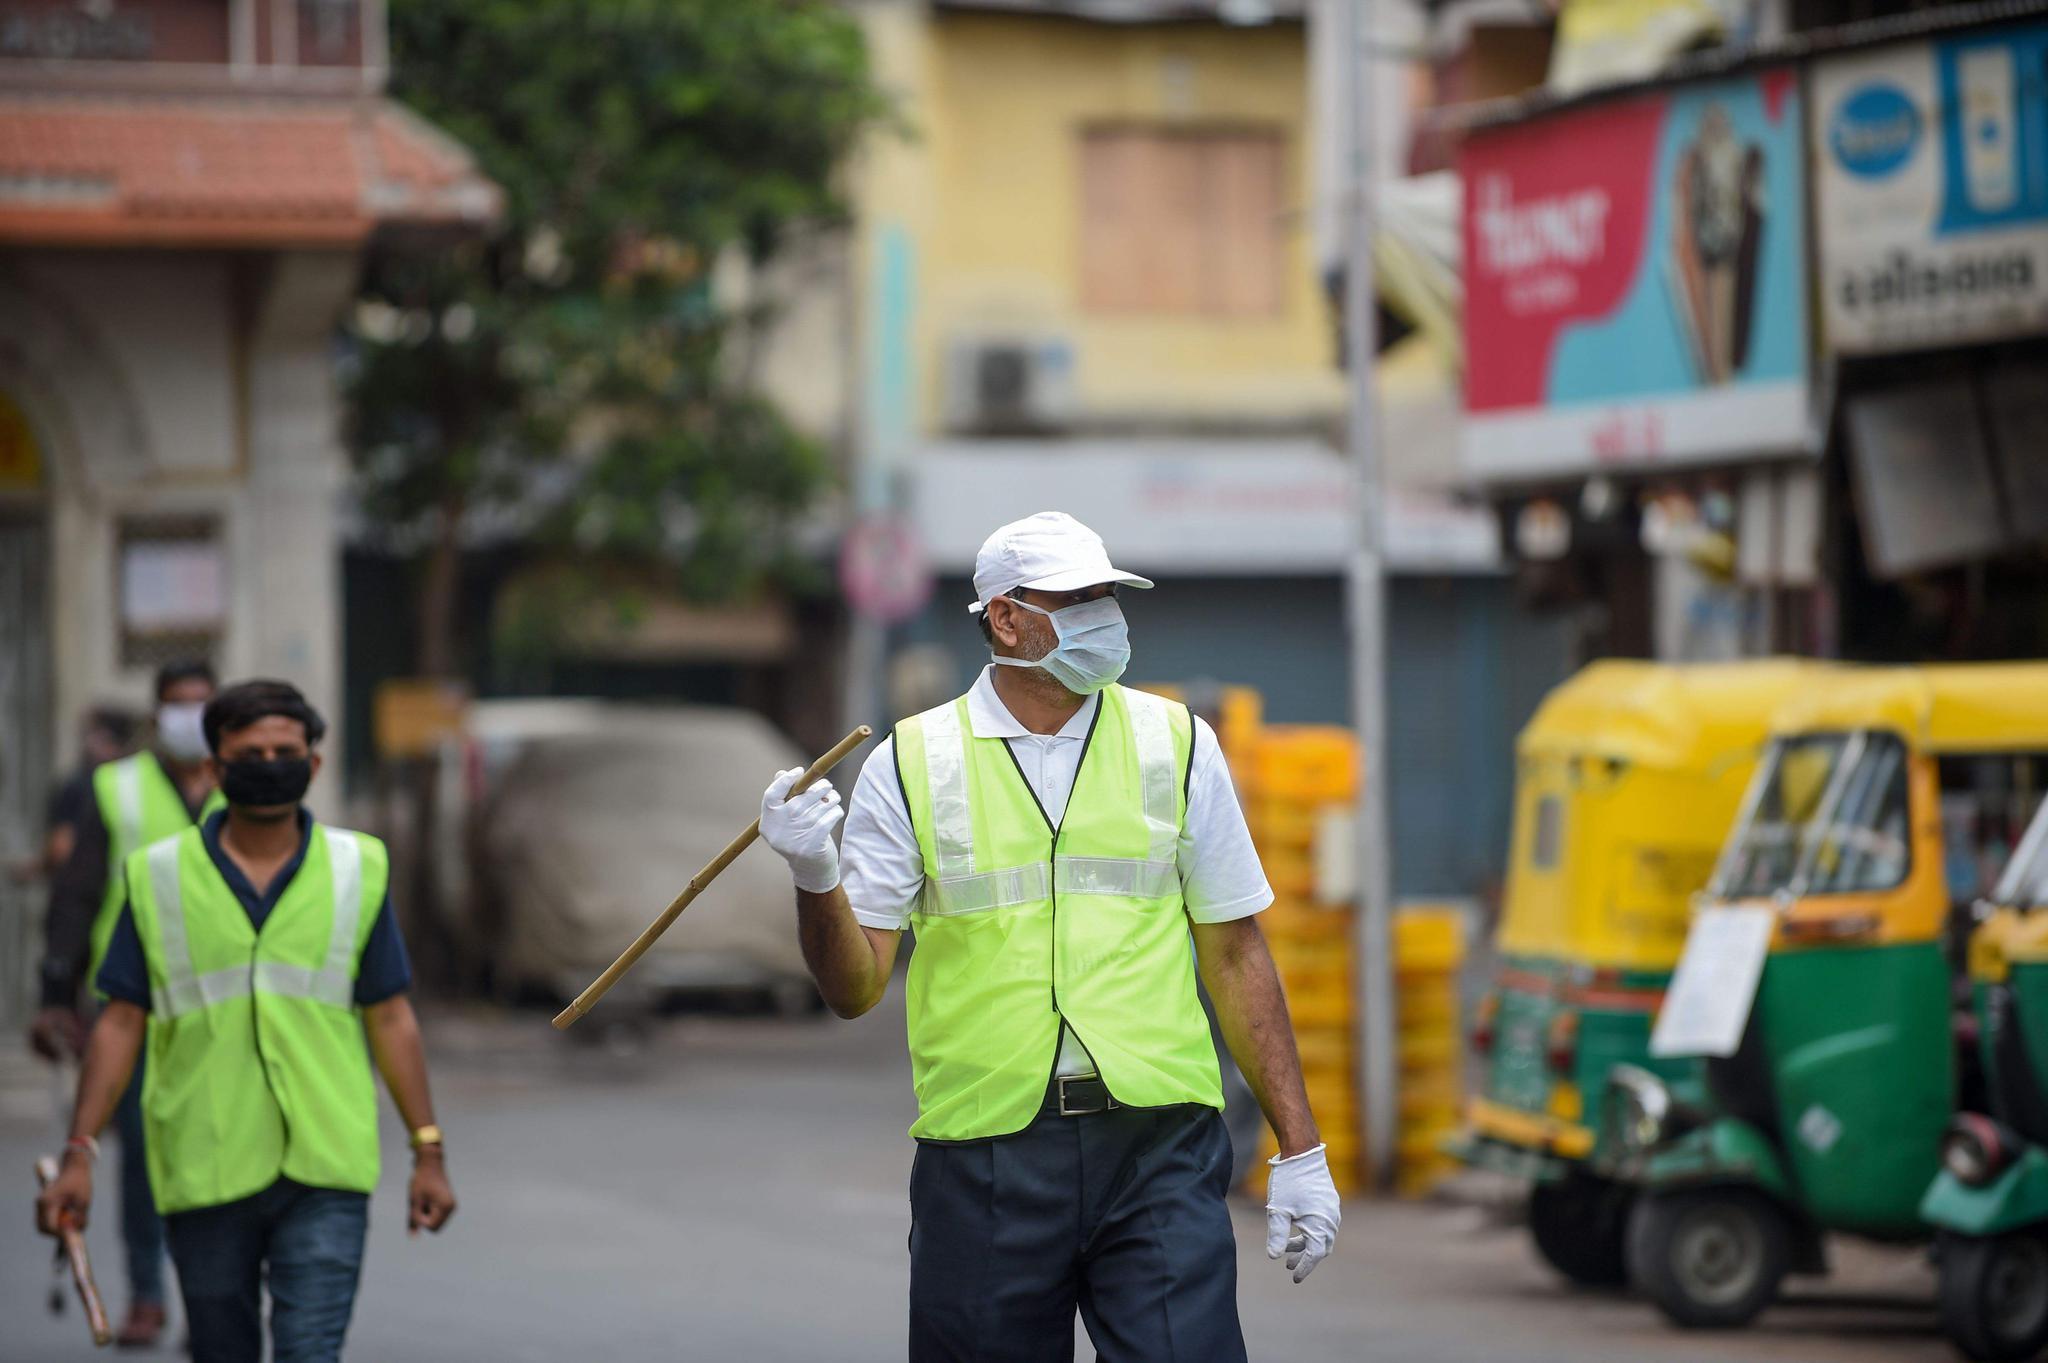 印度疫情掺假,最终还是瞒不住,孟买贫民窟过半感染